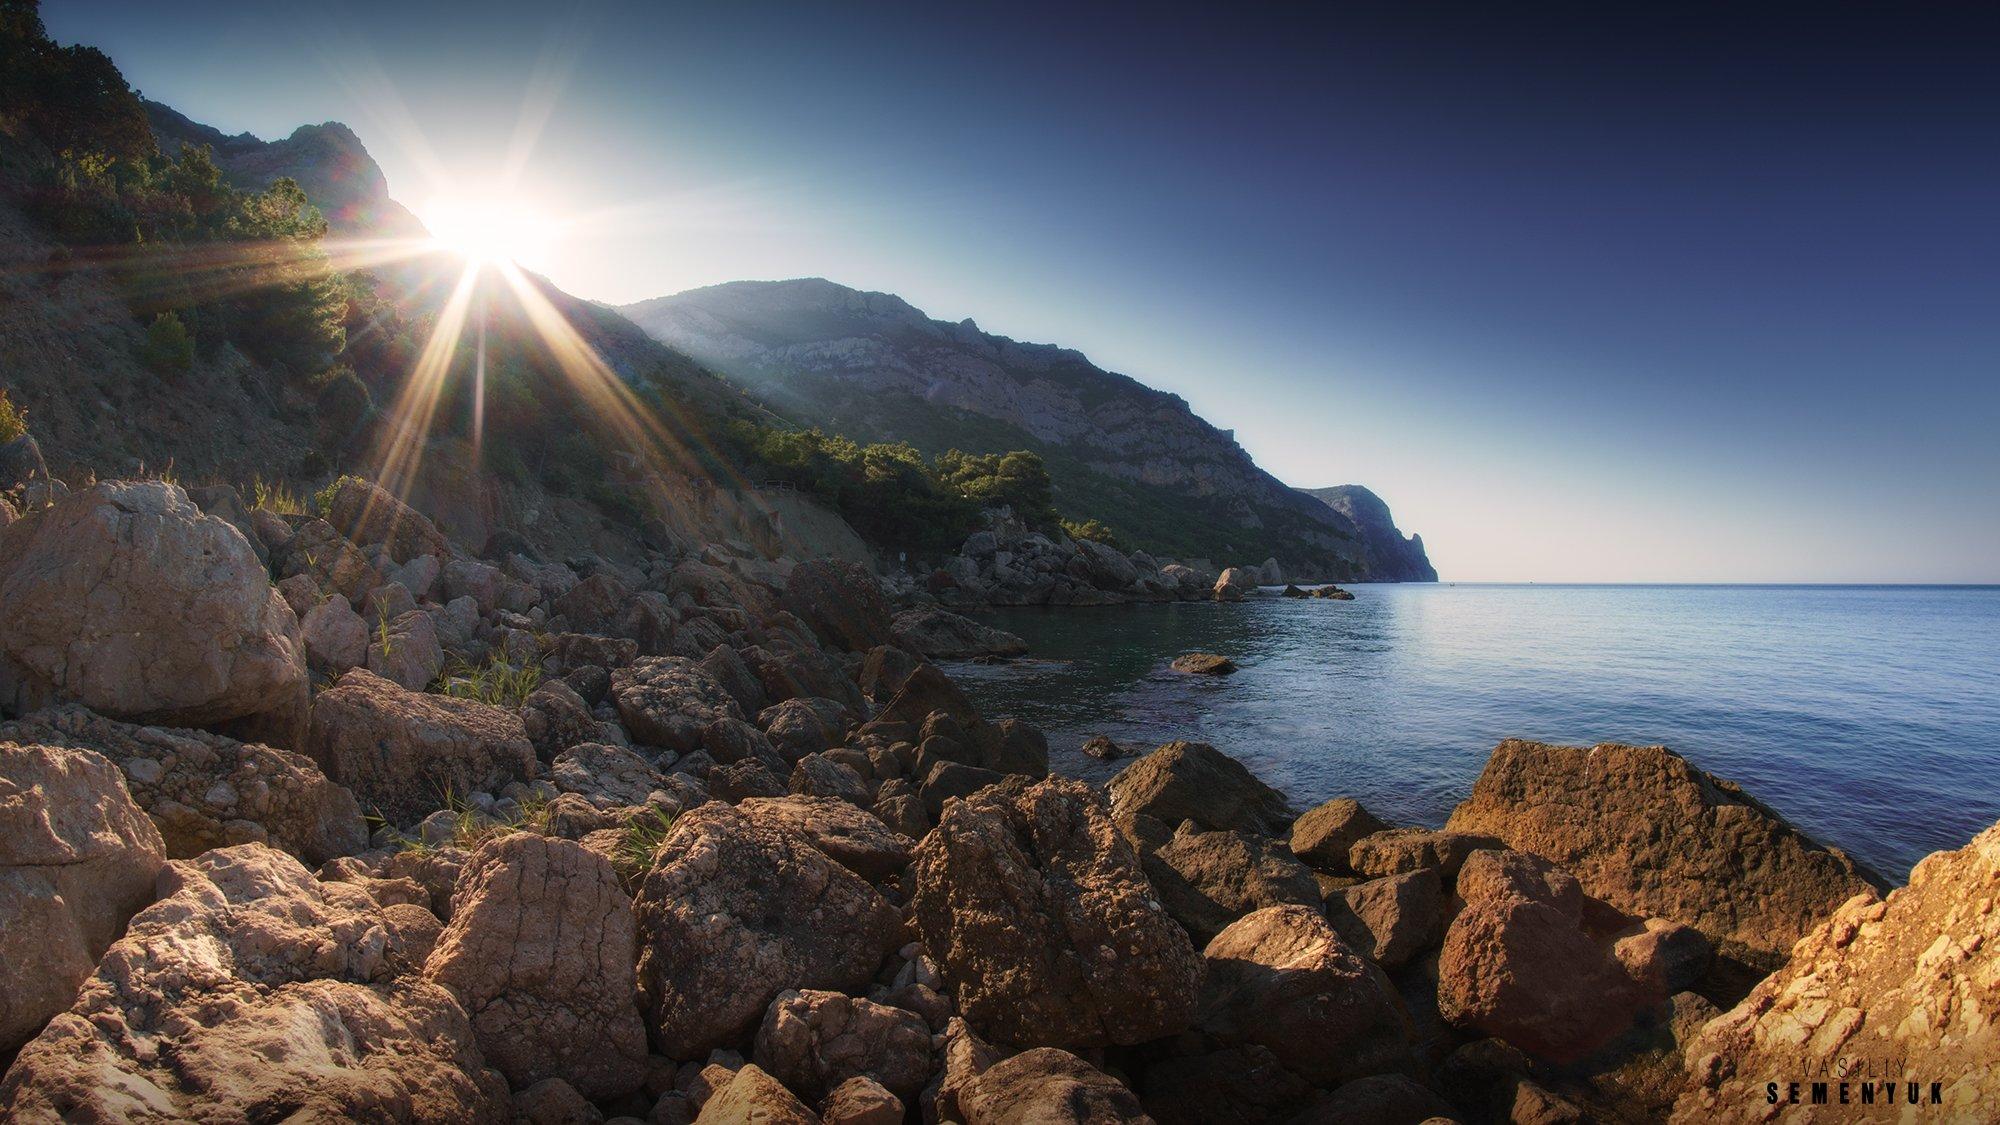 крым, чёрное море, балаклава, инжир, пляж, солнце, рассвет, лето, камни., Семенюк Василий